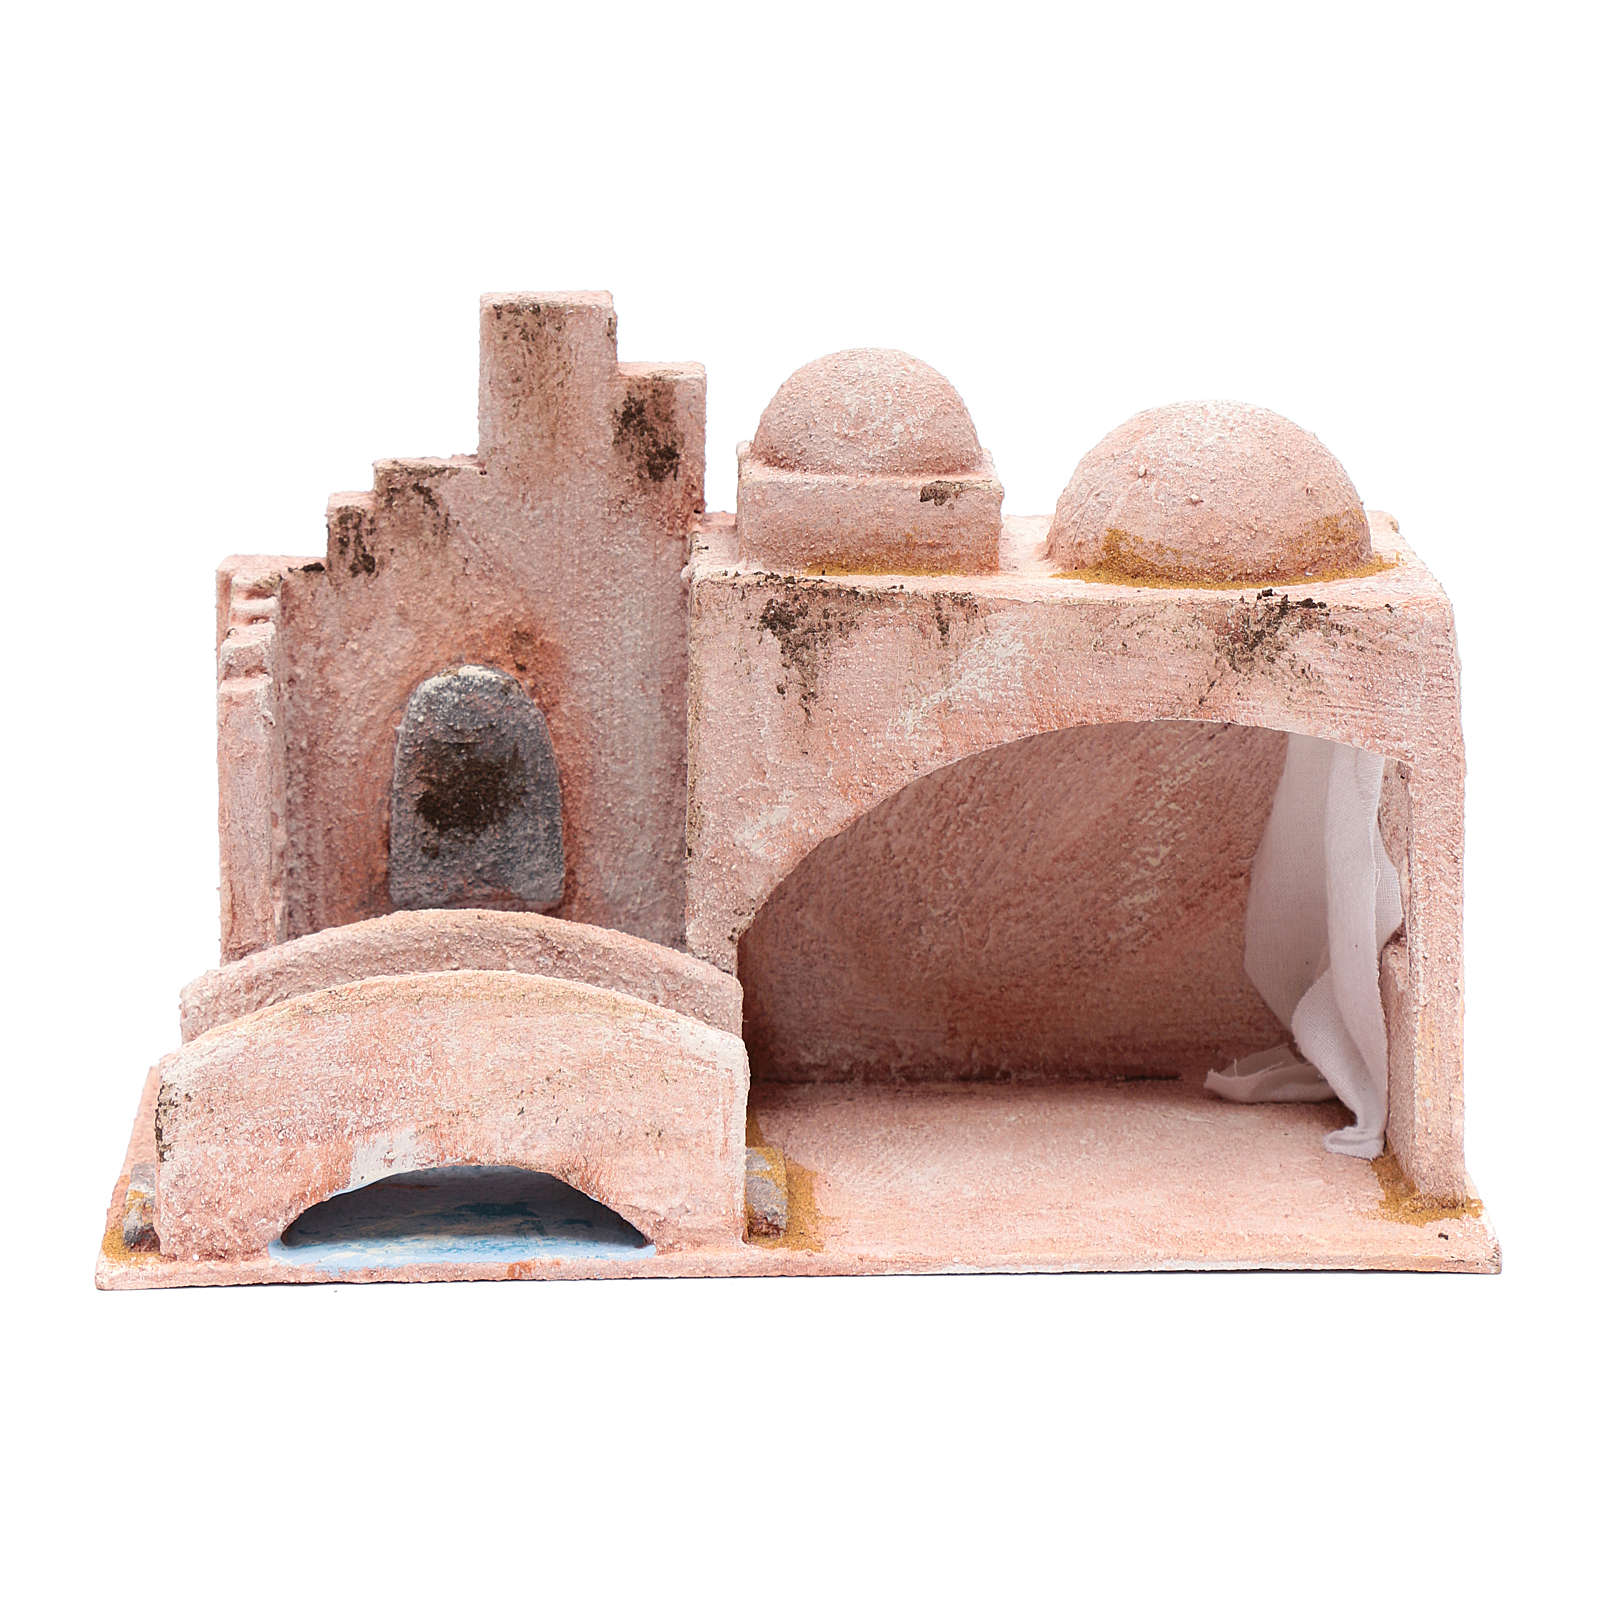 Capanna di stile arabo con laghetto 18,5x29x15 cm 4